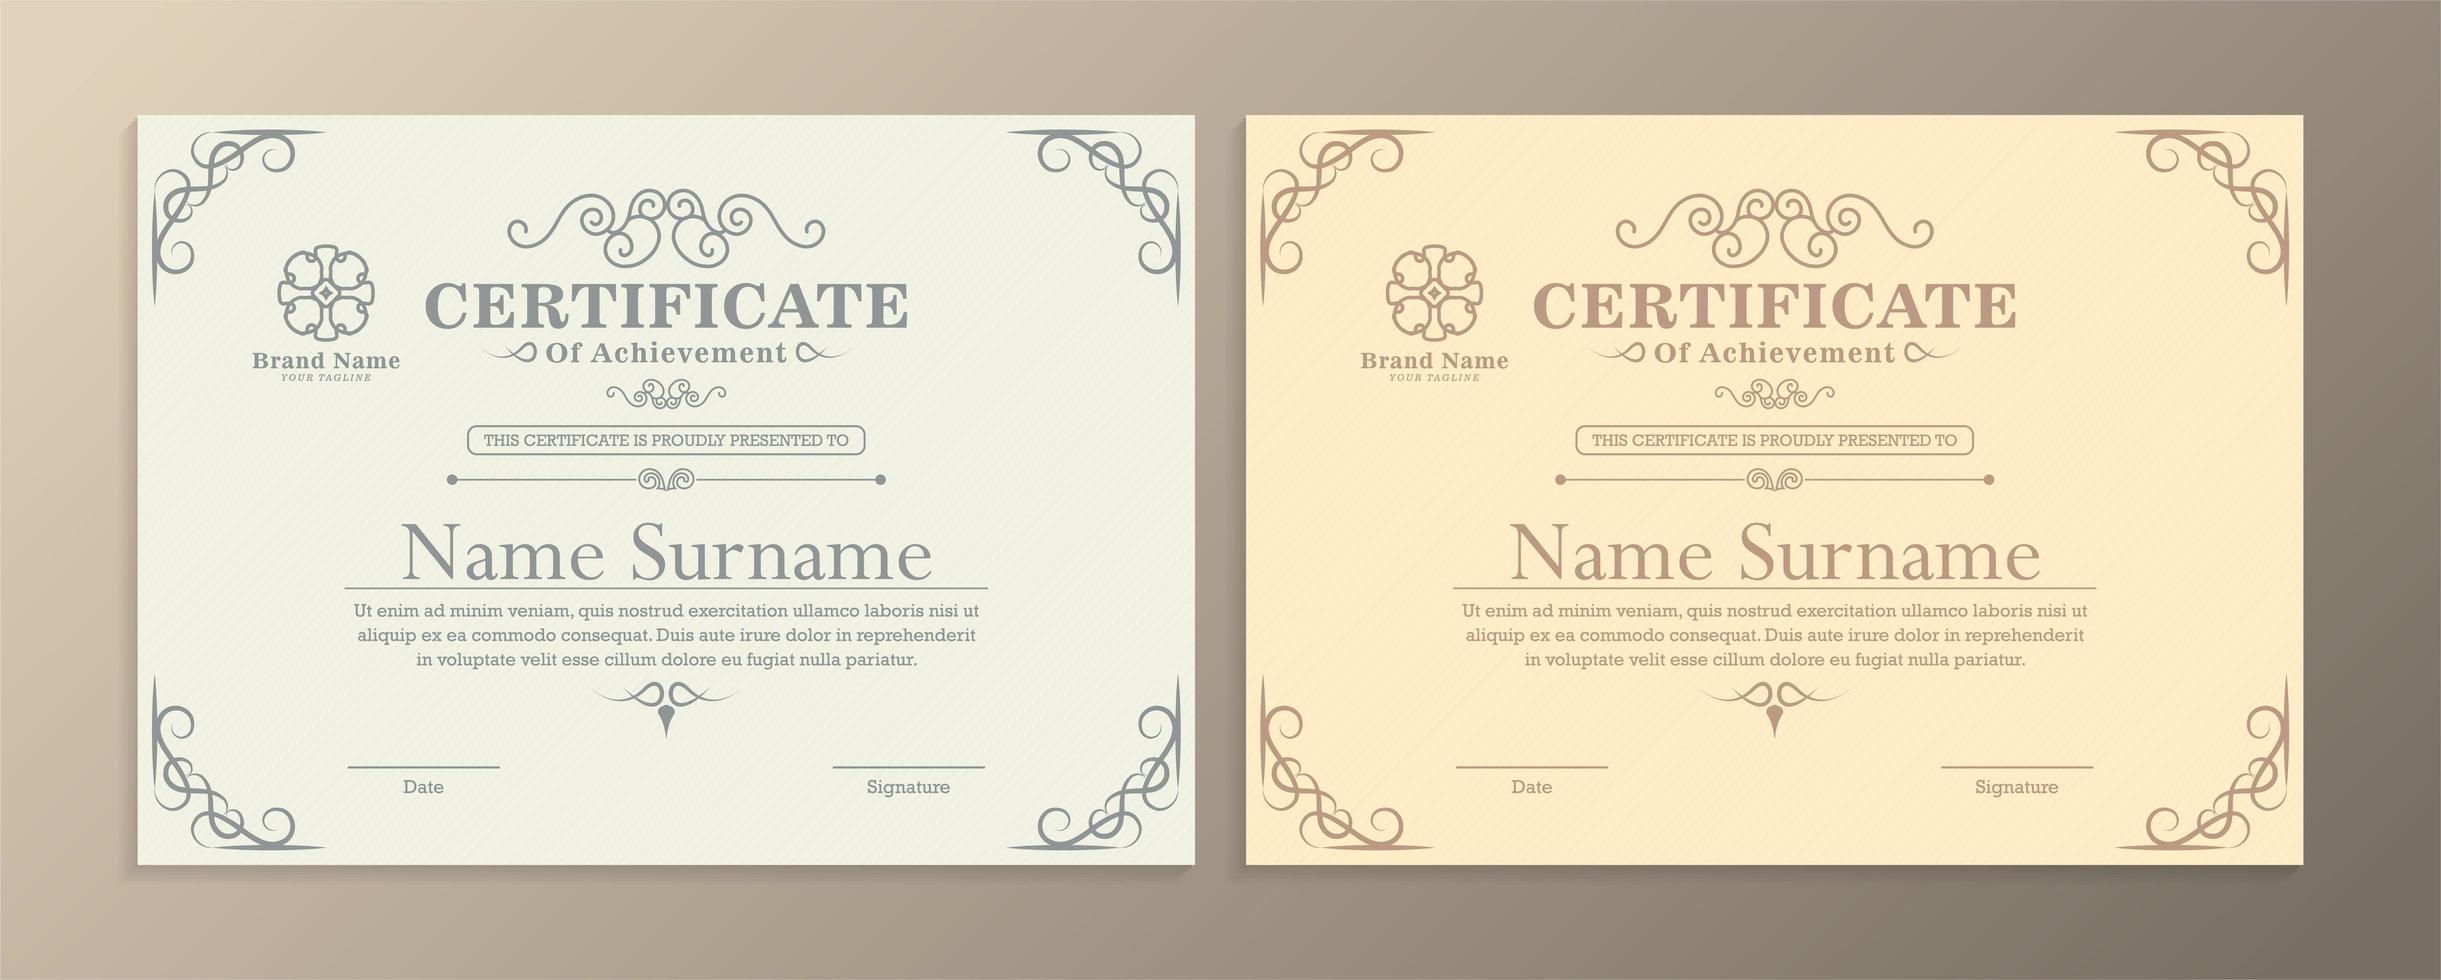 modelos de certificados de conquistas em cores claras vetor